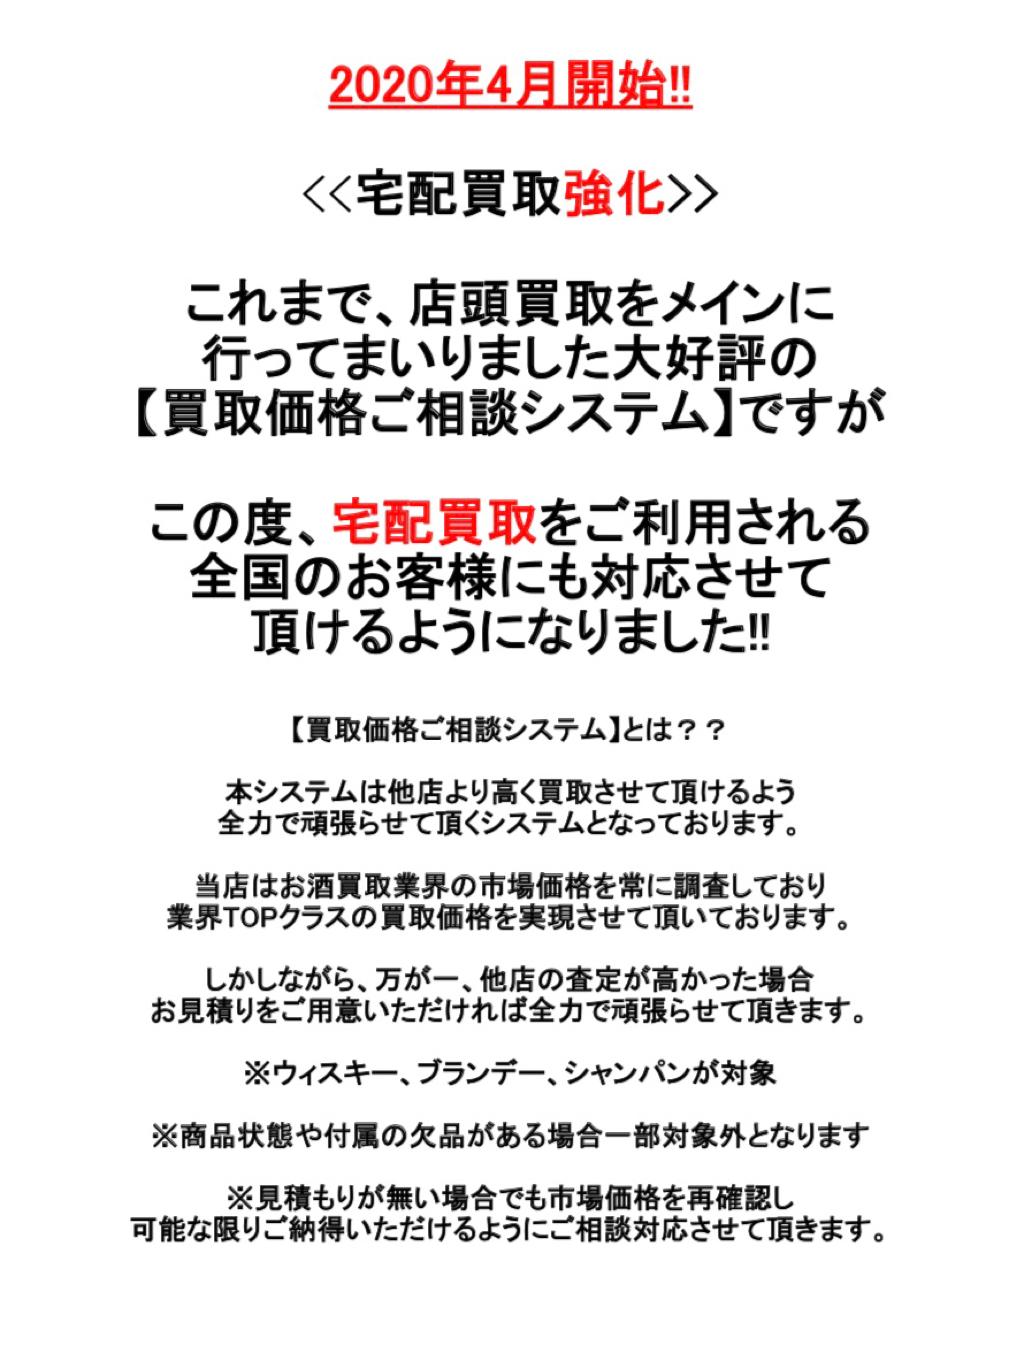 cdv_photo_001